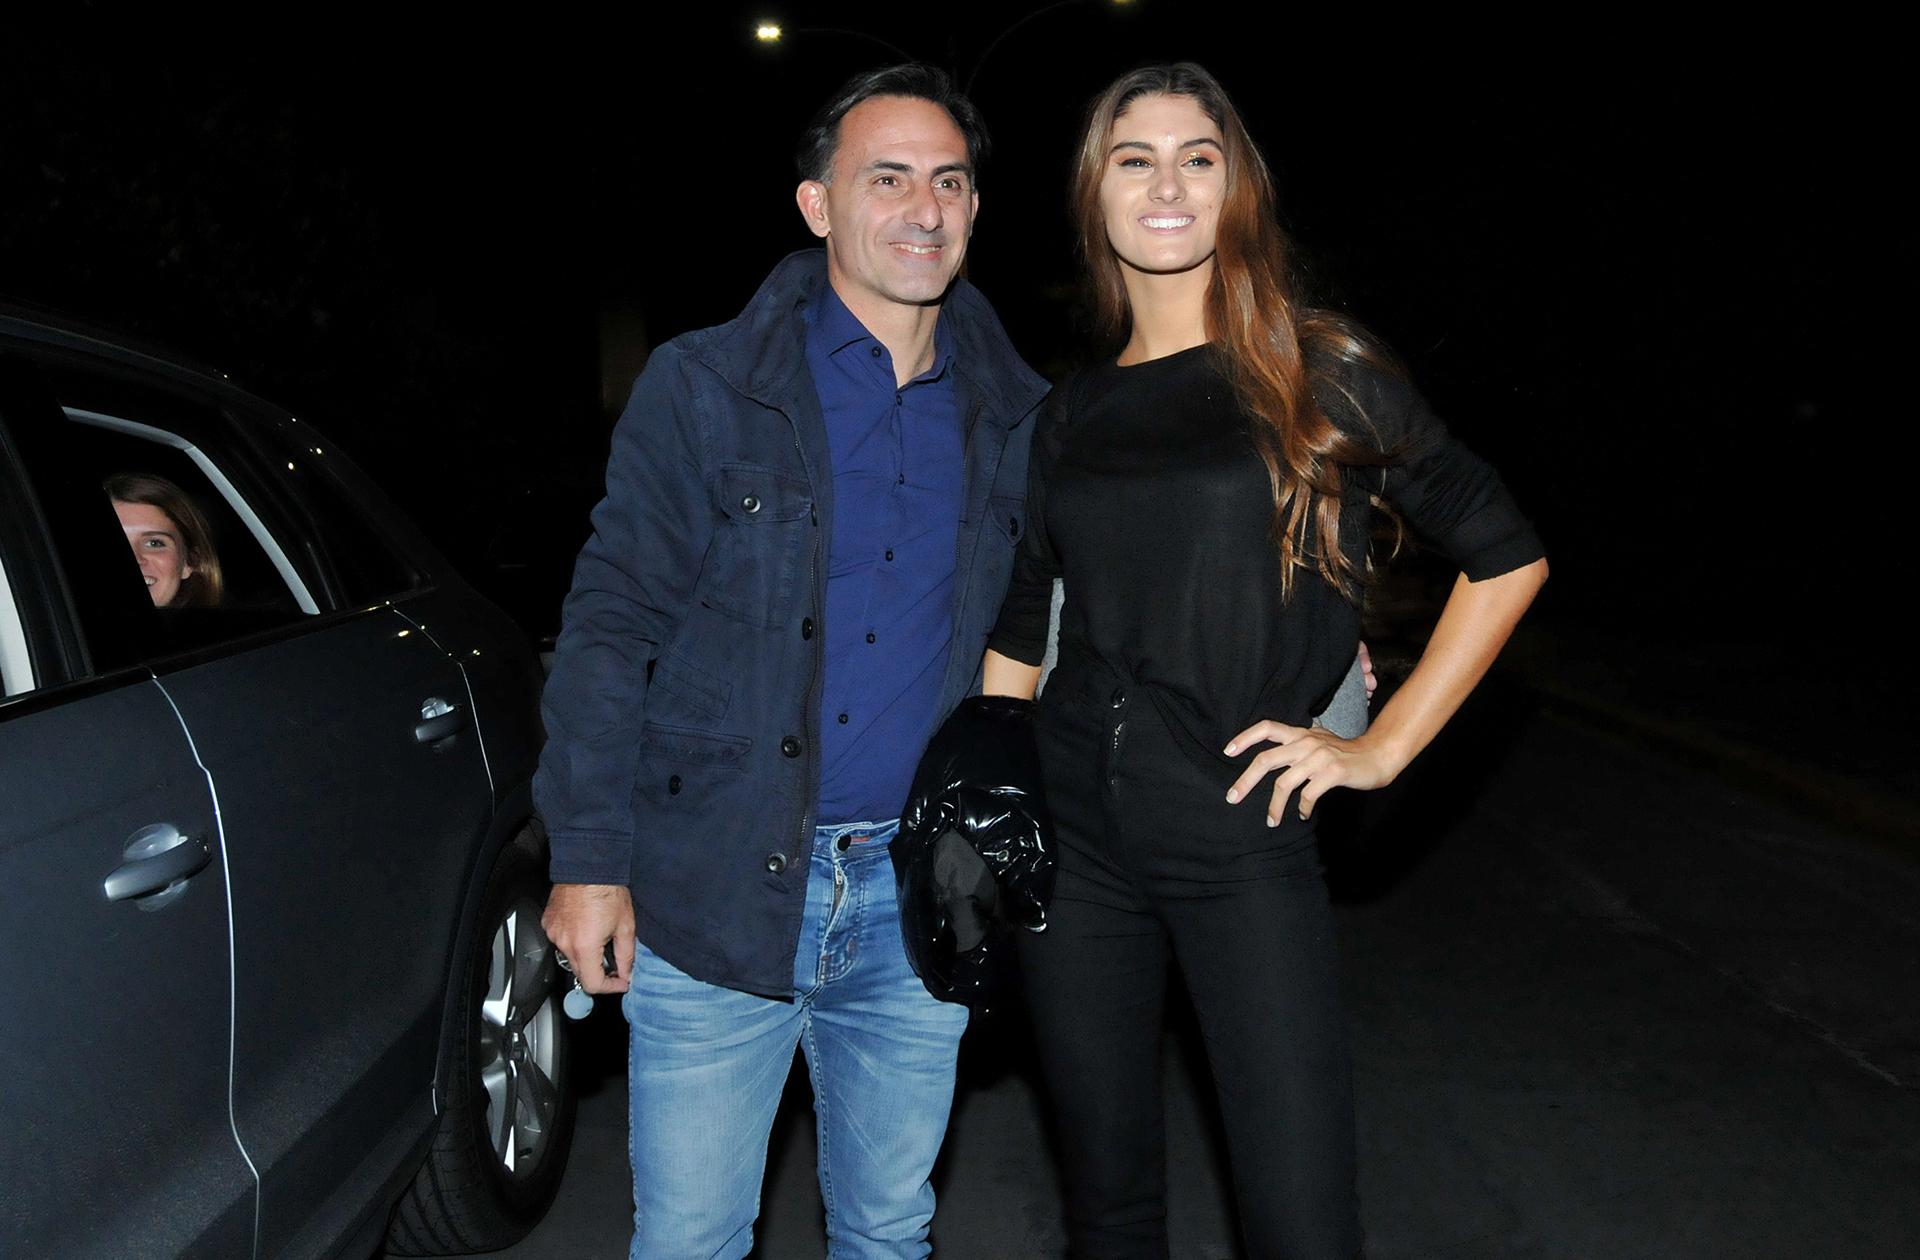 El orgulllo de papá: Lola con Diego Latorre